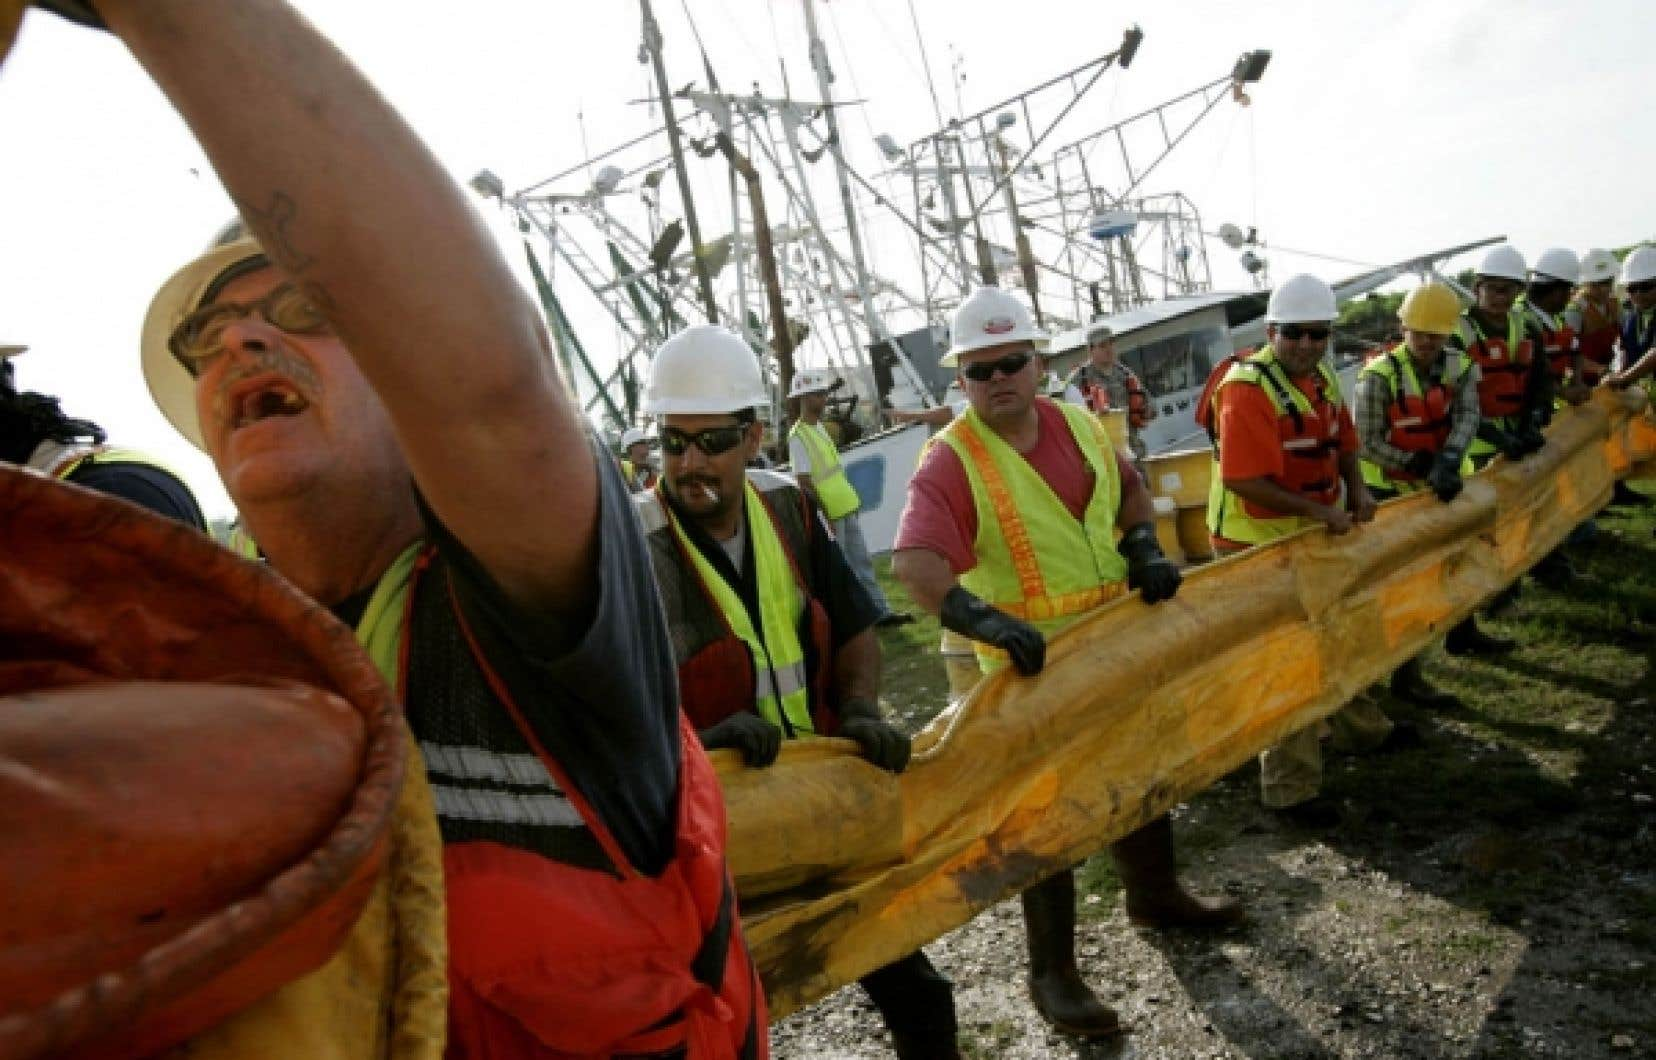 En Louisiane, des travailleurs se mettaient à plusieurs pour décharger des estacades flottantes servant à contenir le pétrole dans certaines zones.